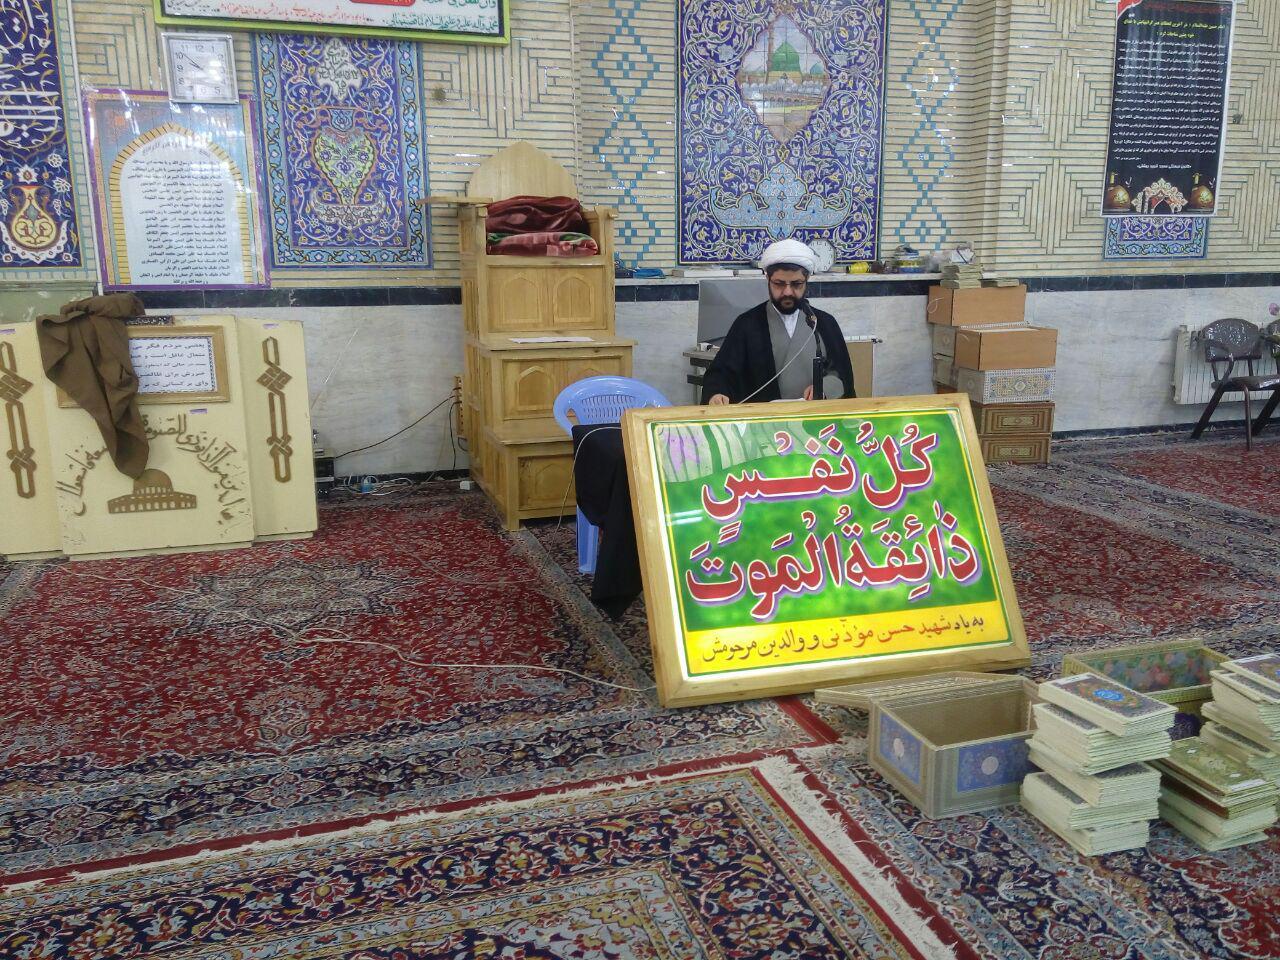 حضور و سخنرانی امام جمعه محترم شهر قهدریجان در مراسم مادر شهید حاجیه خانم مرادی در مسجد شهید بهشتی